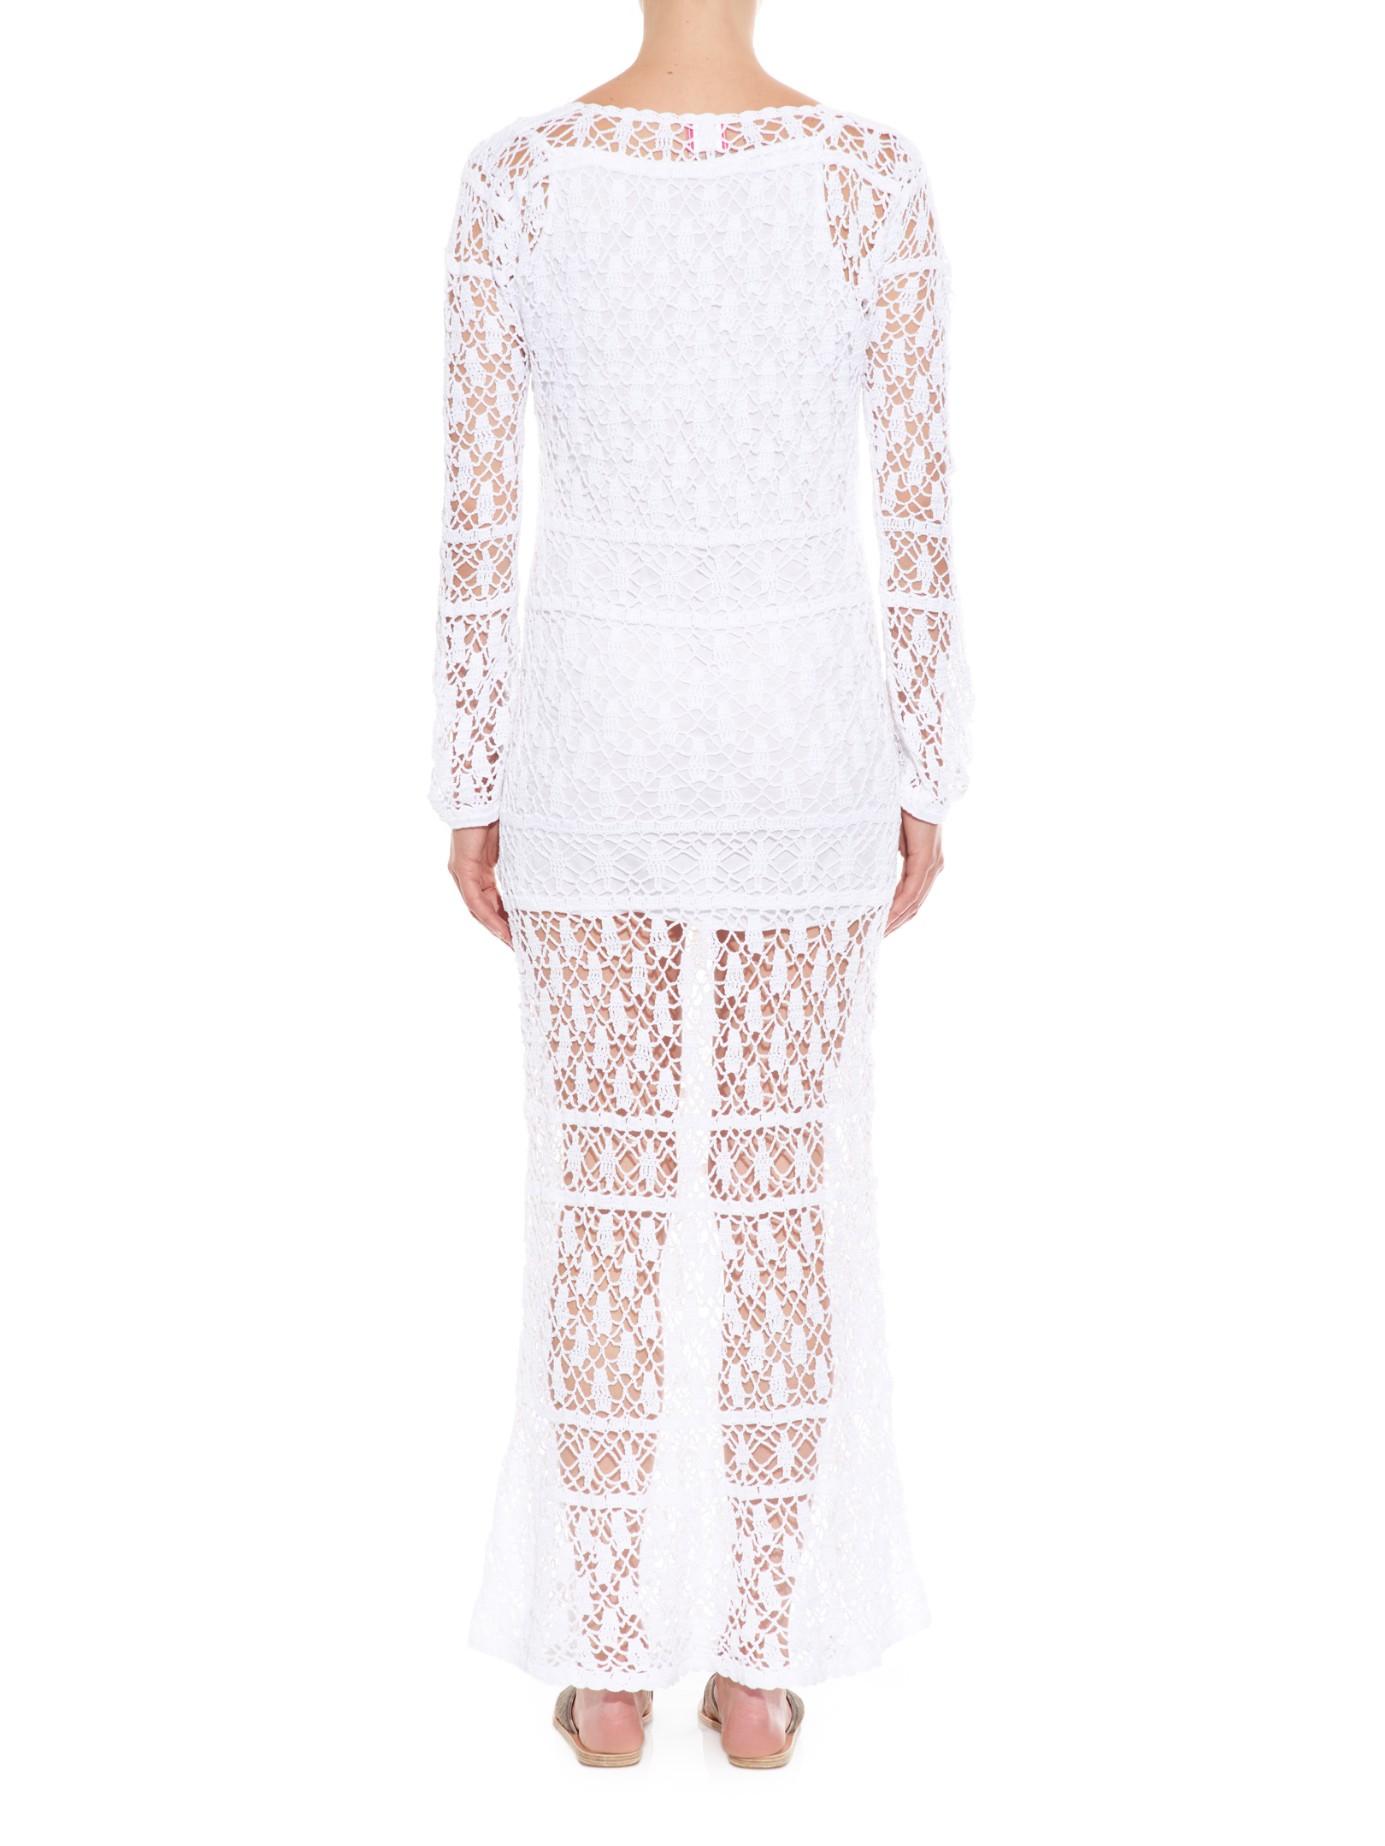 Bianca crocheted cotton dress Anna Kosturova oELD1q5QO